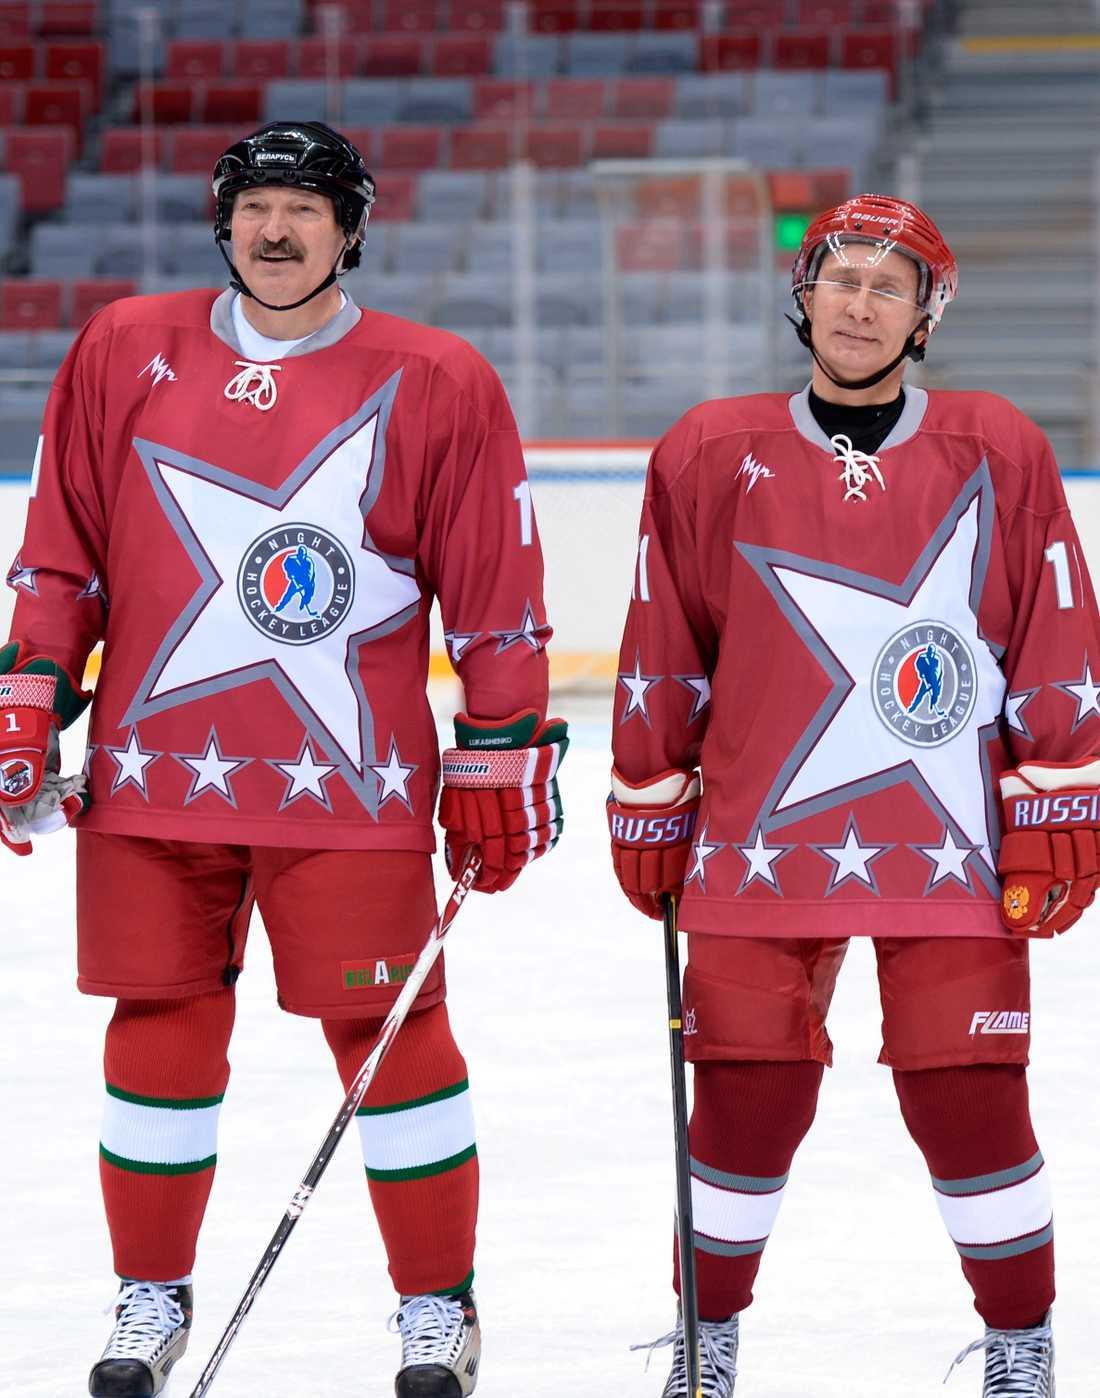 Belarus Aleksandr Lukasjenko och Rysslands Vladimir Putin på en gemensam propagandabild. Iförda ishockey-mundering